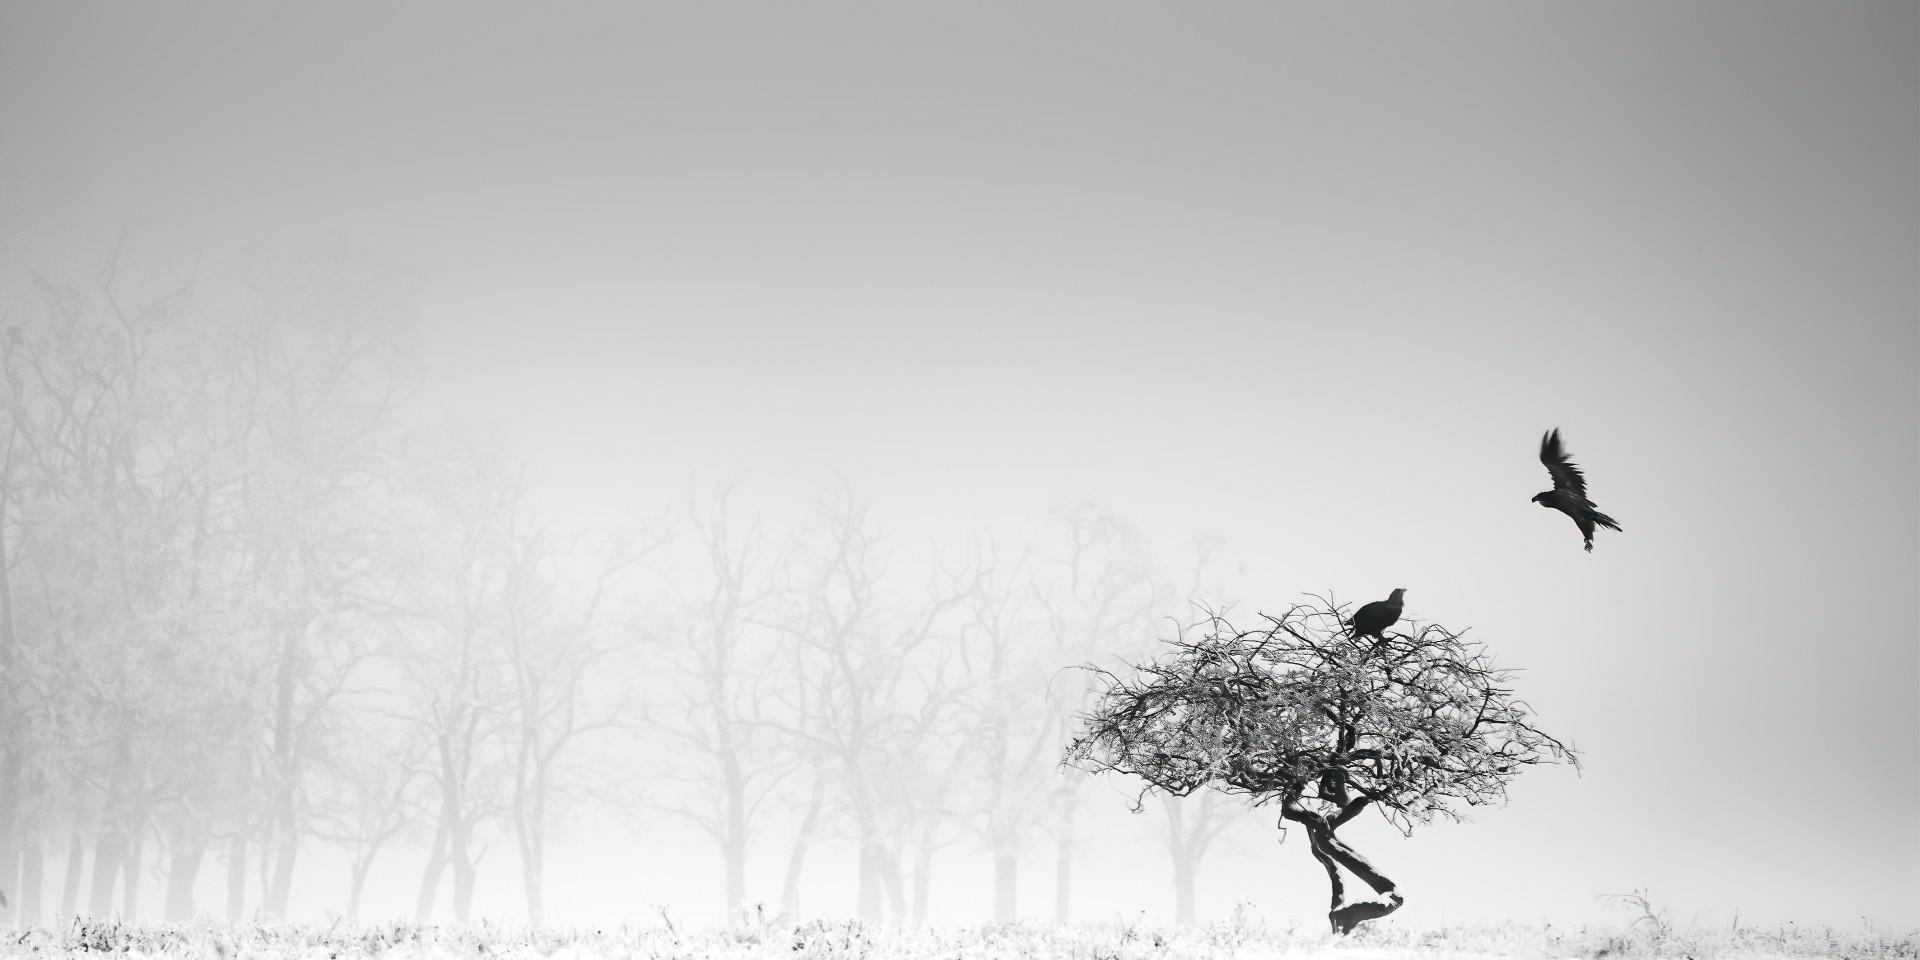 Fotó: Berényi Zsolt: Trónok harca<br />Kategória: Fekete-fehér természetfotók<br />Helyezés: 1. díj<br /><br />Portyázó rétisasok rivalizálása a magányos fa felett egy decemberi zord délelőttön a frissen lehullott hóval takart Hortobágyi Nemzeti Park területén. Már korábban észrevettem, hogy a sasok előszeretettel választják pihenőhelyül a magányosan álló fát, így már csak arra a pillanatra kellett várnom, hogy a visszaszoruló köd, amely nehezítette a látási viszonyokat, lehetővé tegye a beszálló madár megörökítését. Az első rétisas beszállásáról nem kis bosszankodásomra lemaradtam, de óriási szerencsémre, megpillantottam a távolból érkező riválist. Ekkor már felkészültebben vártam a megfelelő pillanatot.